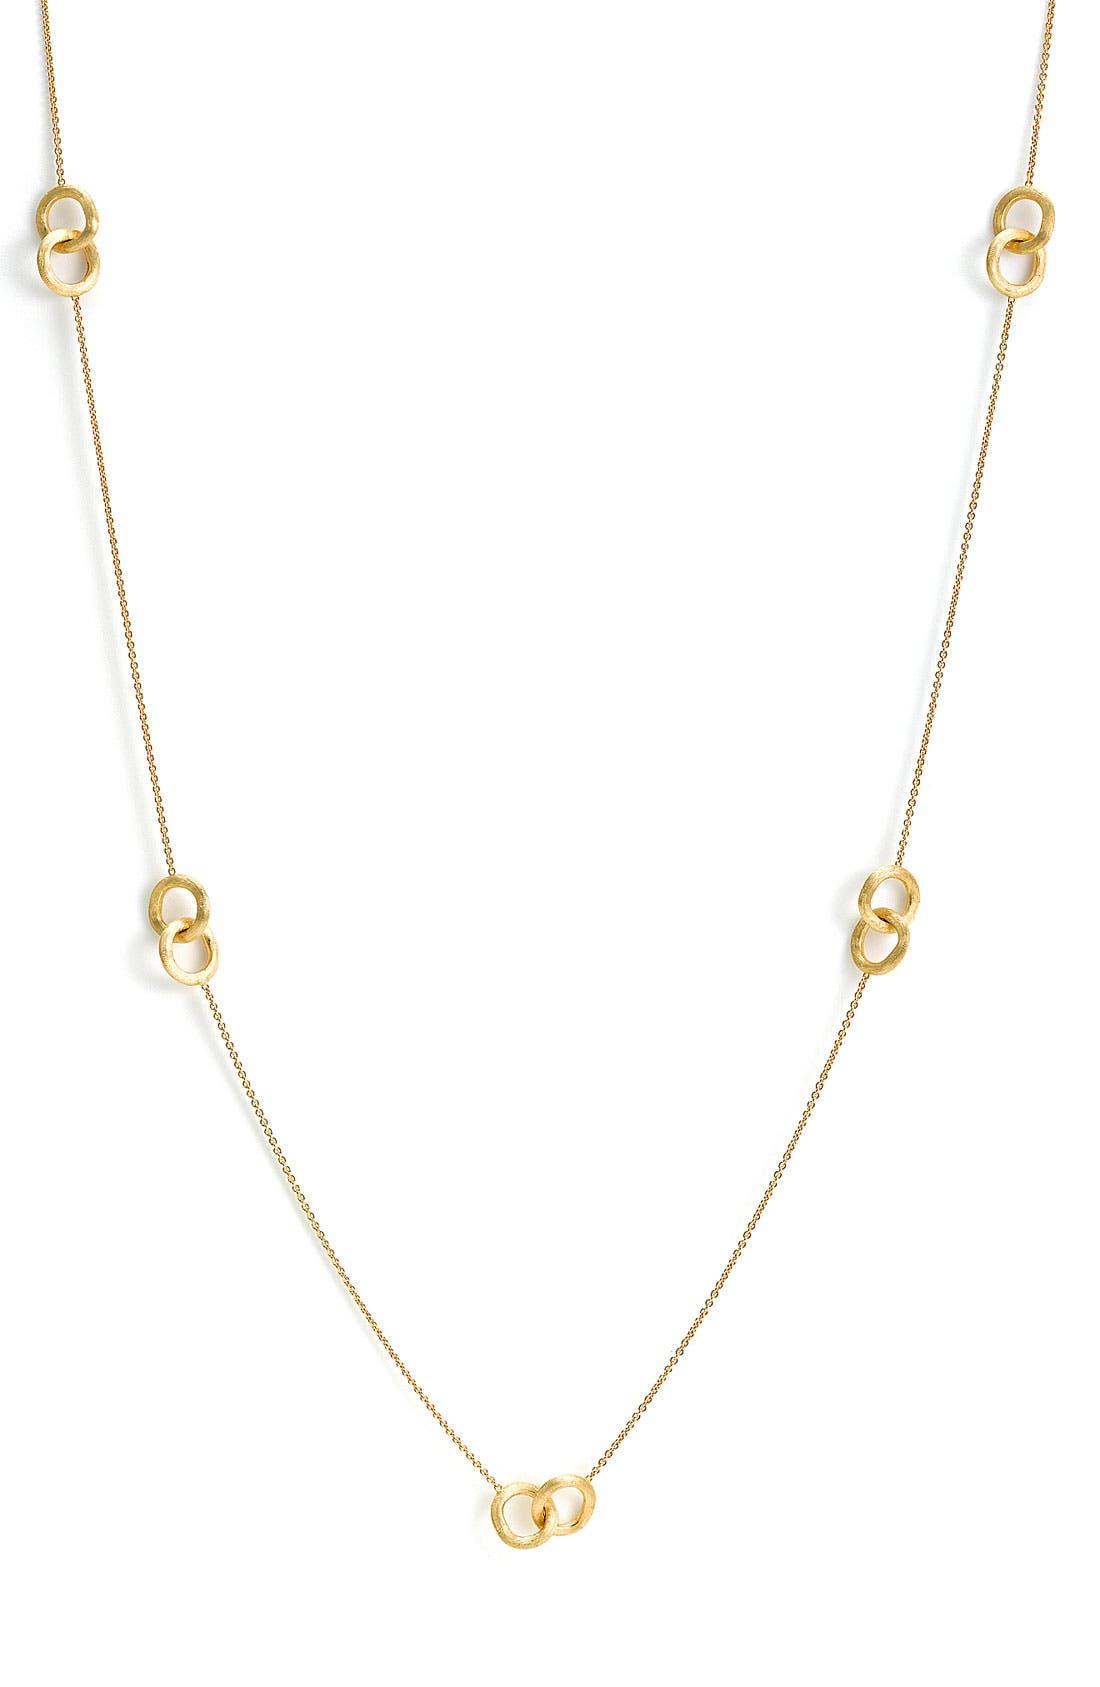 Main Image - Marco Bicego 'Jaipur' Long Strand Necklace